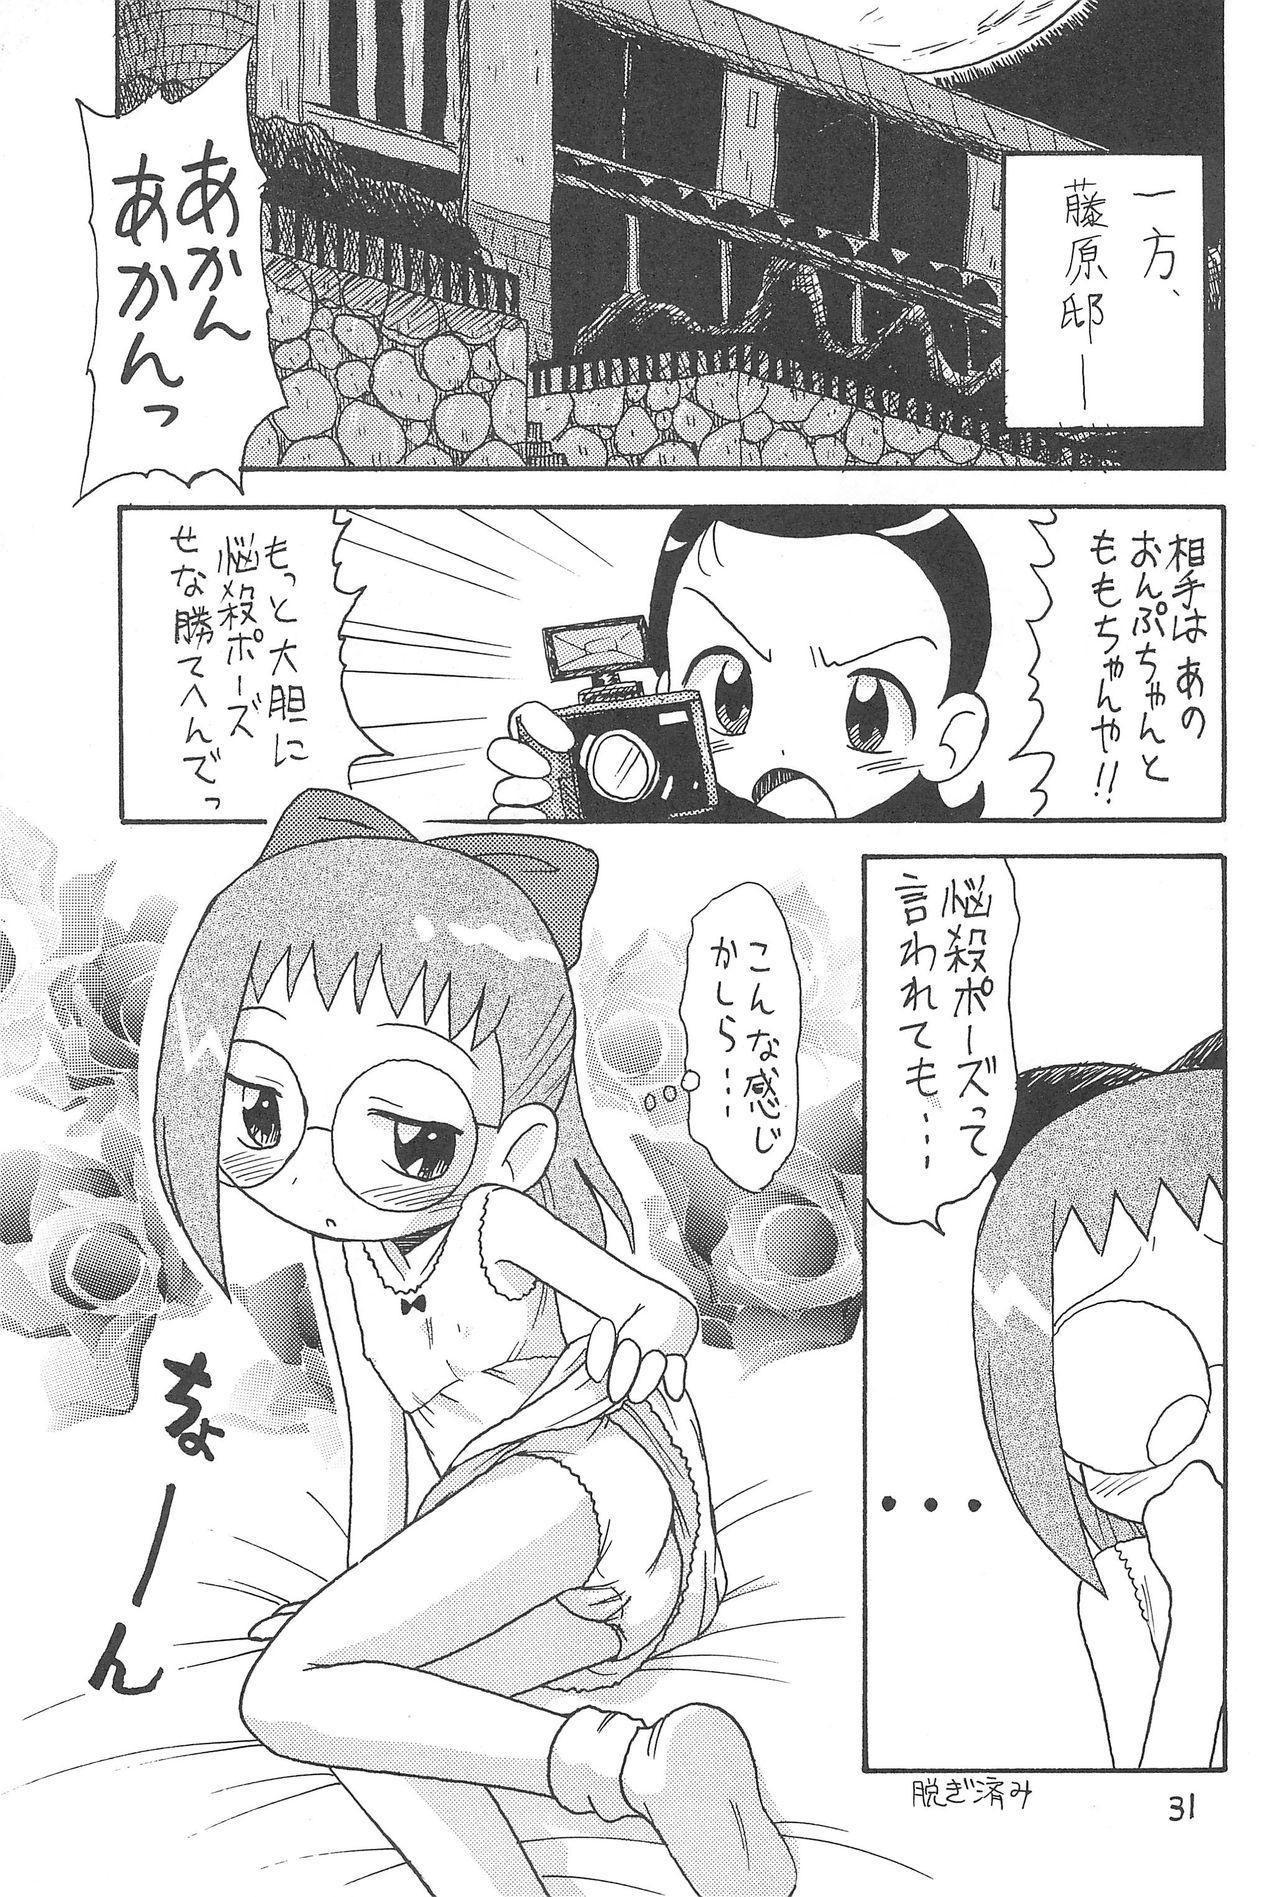 Mokuwaku no Mado 30